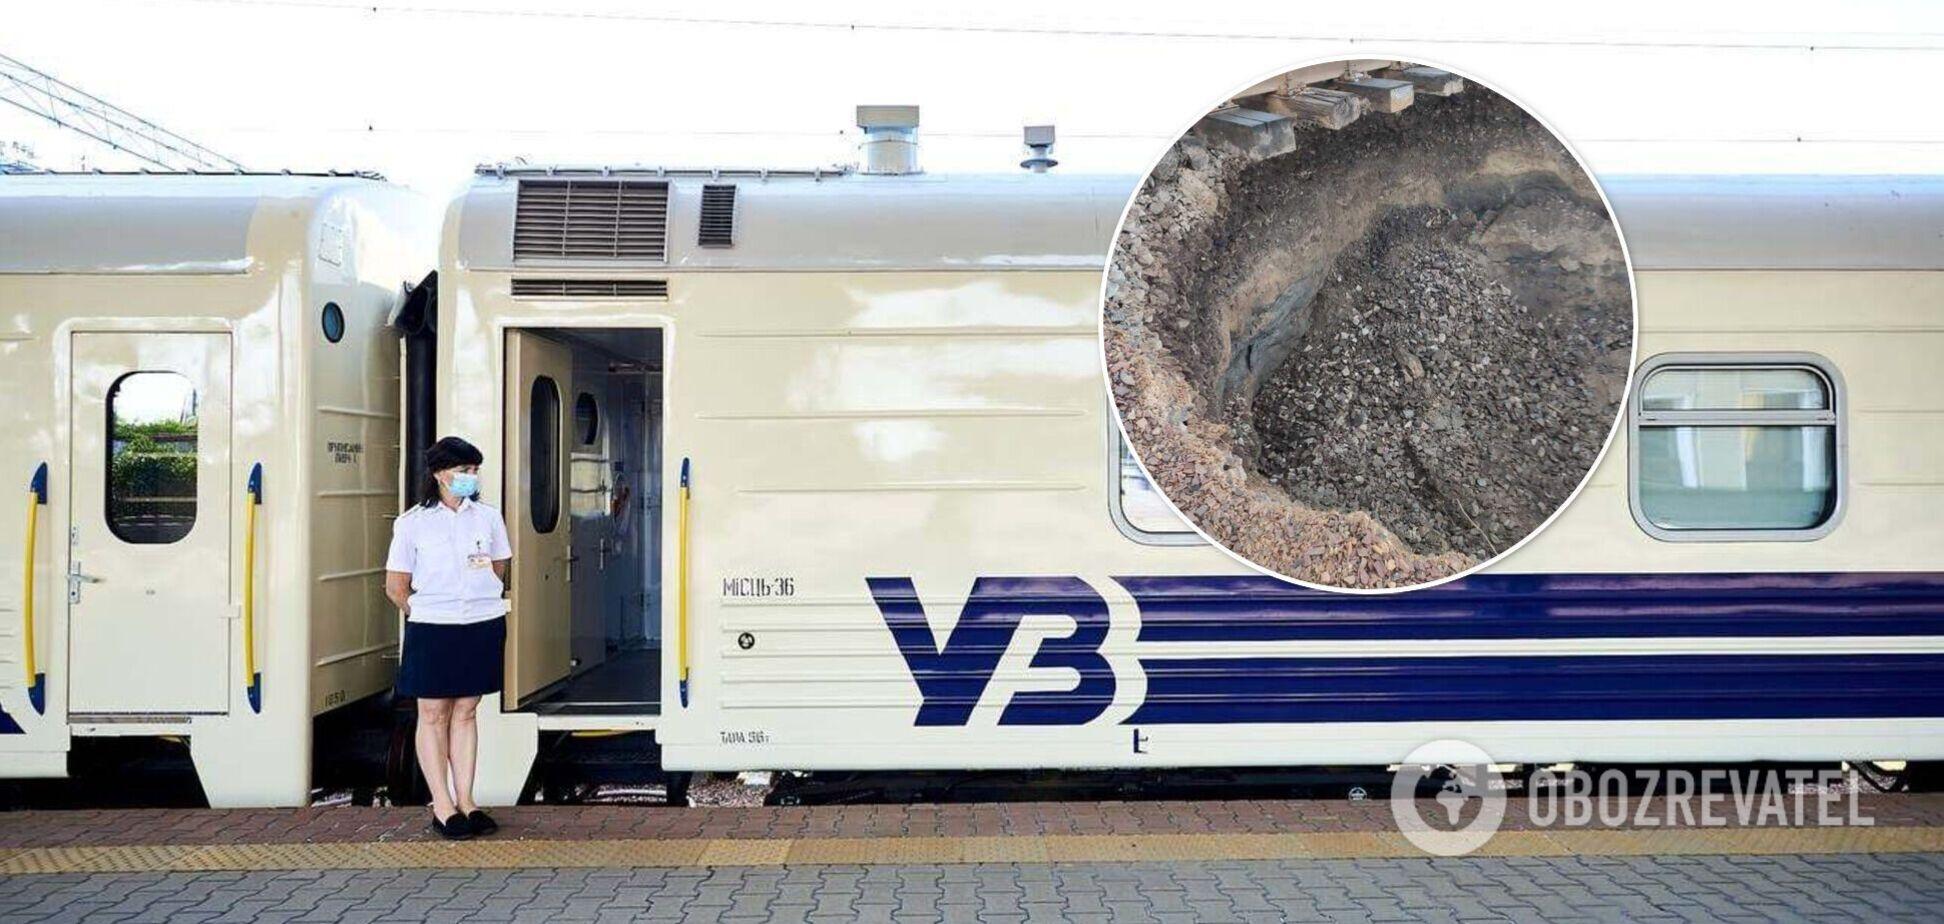 'Укрзалізниця' змінила рух поїздів через провал залізниці